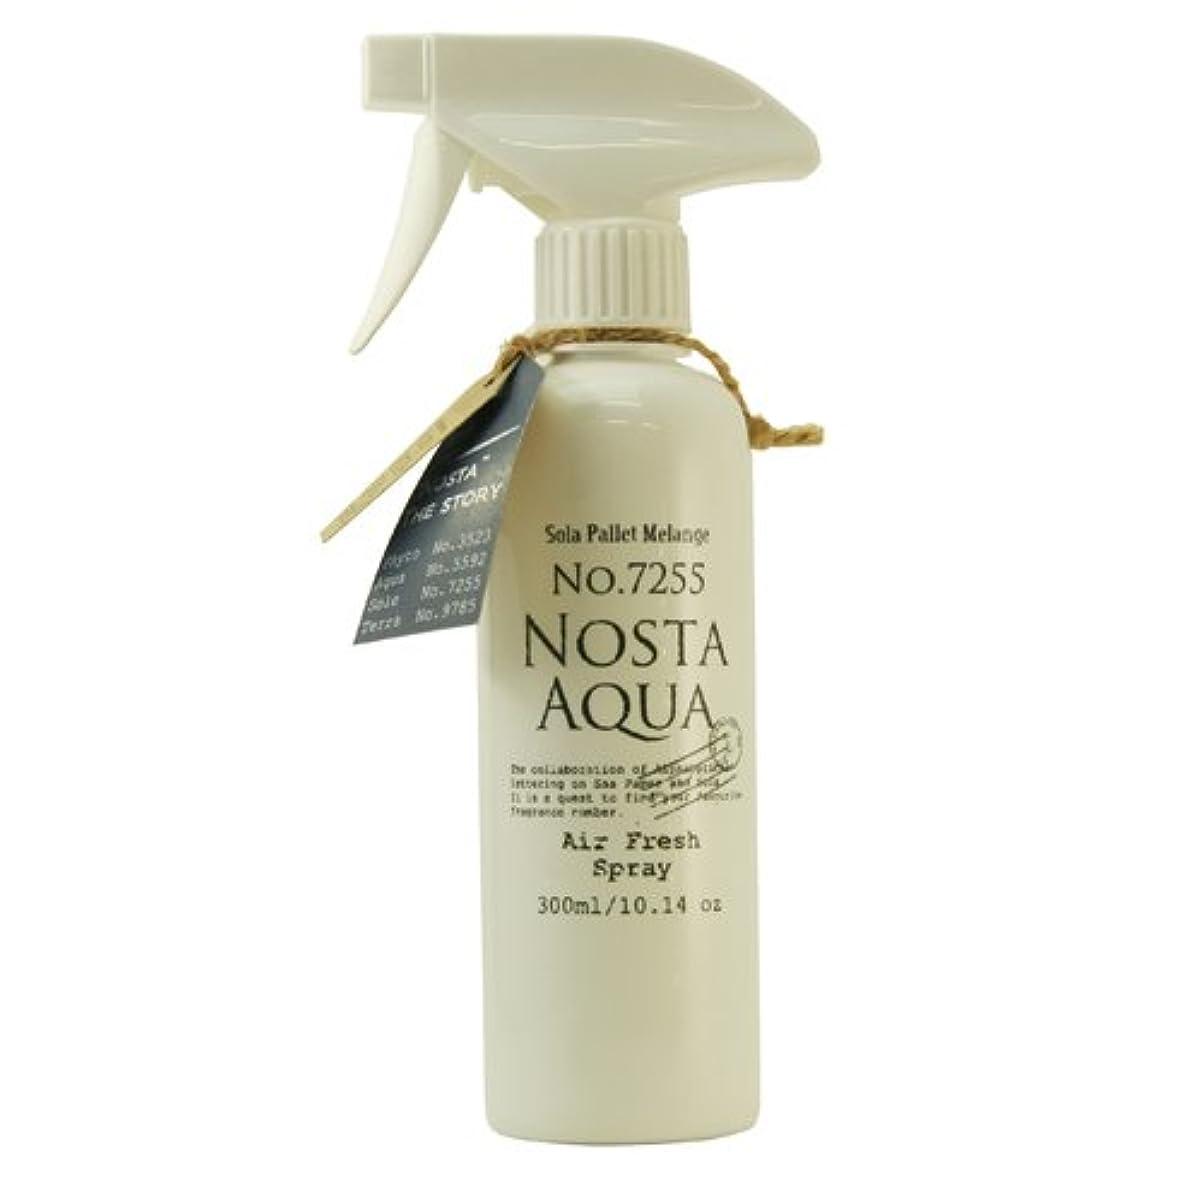 公然とモール広まったNosta ノスタ Air Fresh Spray エアーフレッシュスプレー(ルームスプレー)Aqua アクア / 生命の起源